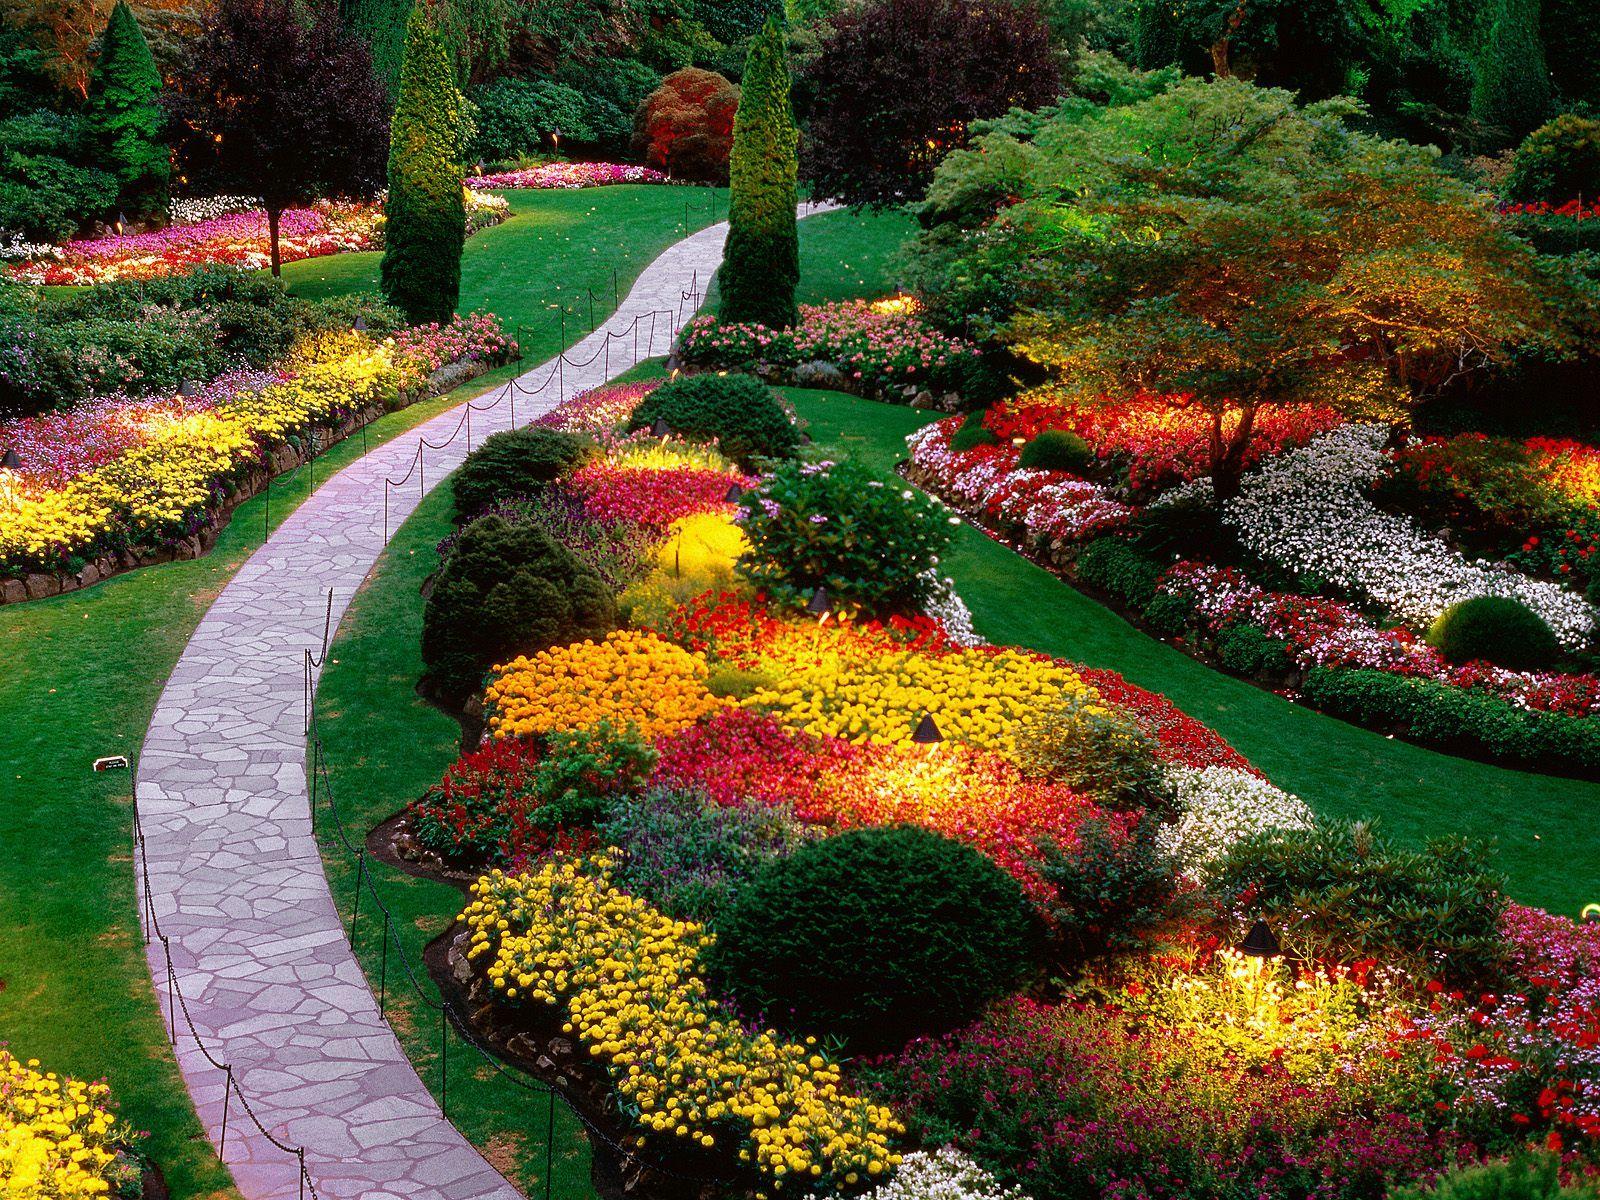 http://1.bp.blogspot.com/-dsnV-UKIpyY/T_dV_hS86aI/AAAAAAAAEFY/7vhxX9JSxeE/s1600/wallpapers-de-jardines.jpg